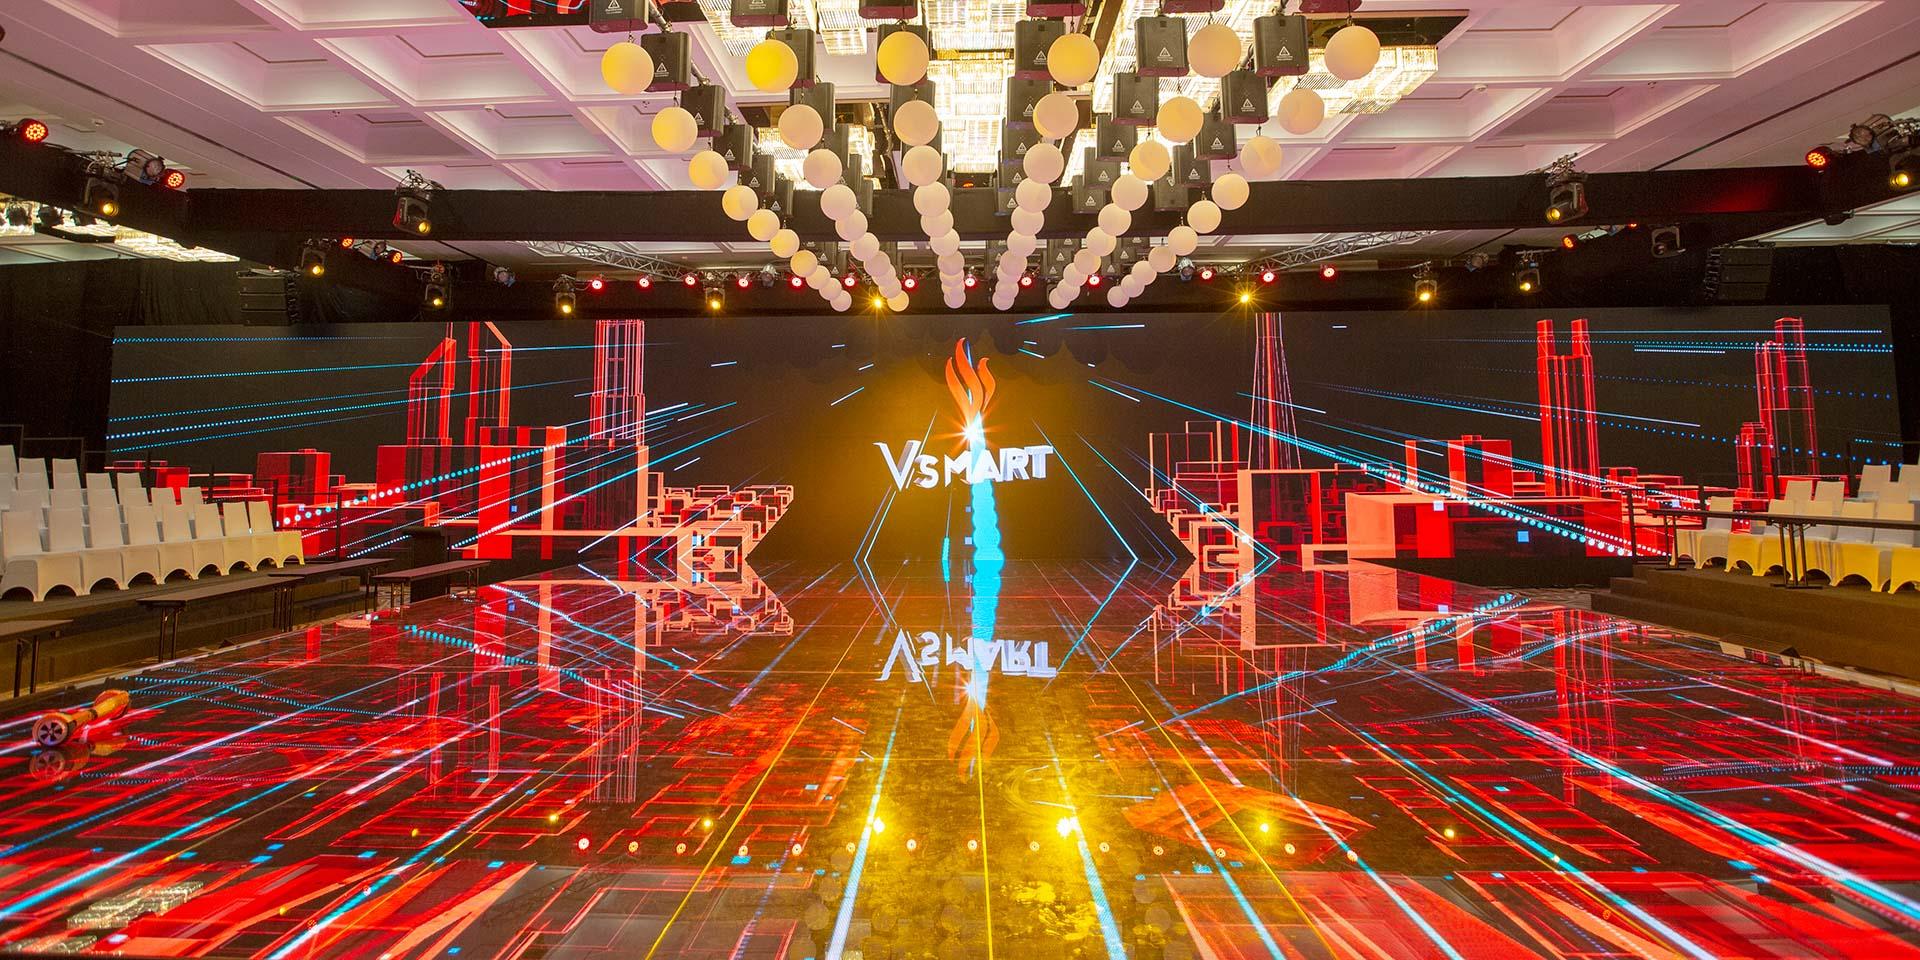 """Sân khấu hoành tráng trước """"giờ G"""" ra mắt điện thoại Vsmart"""